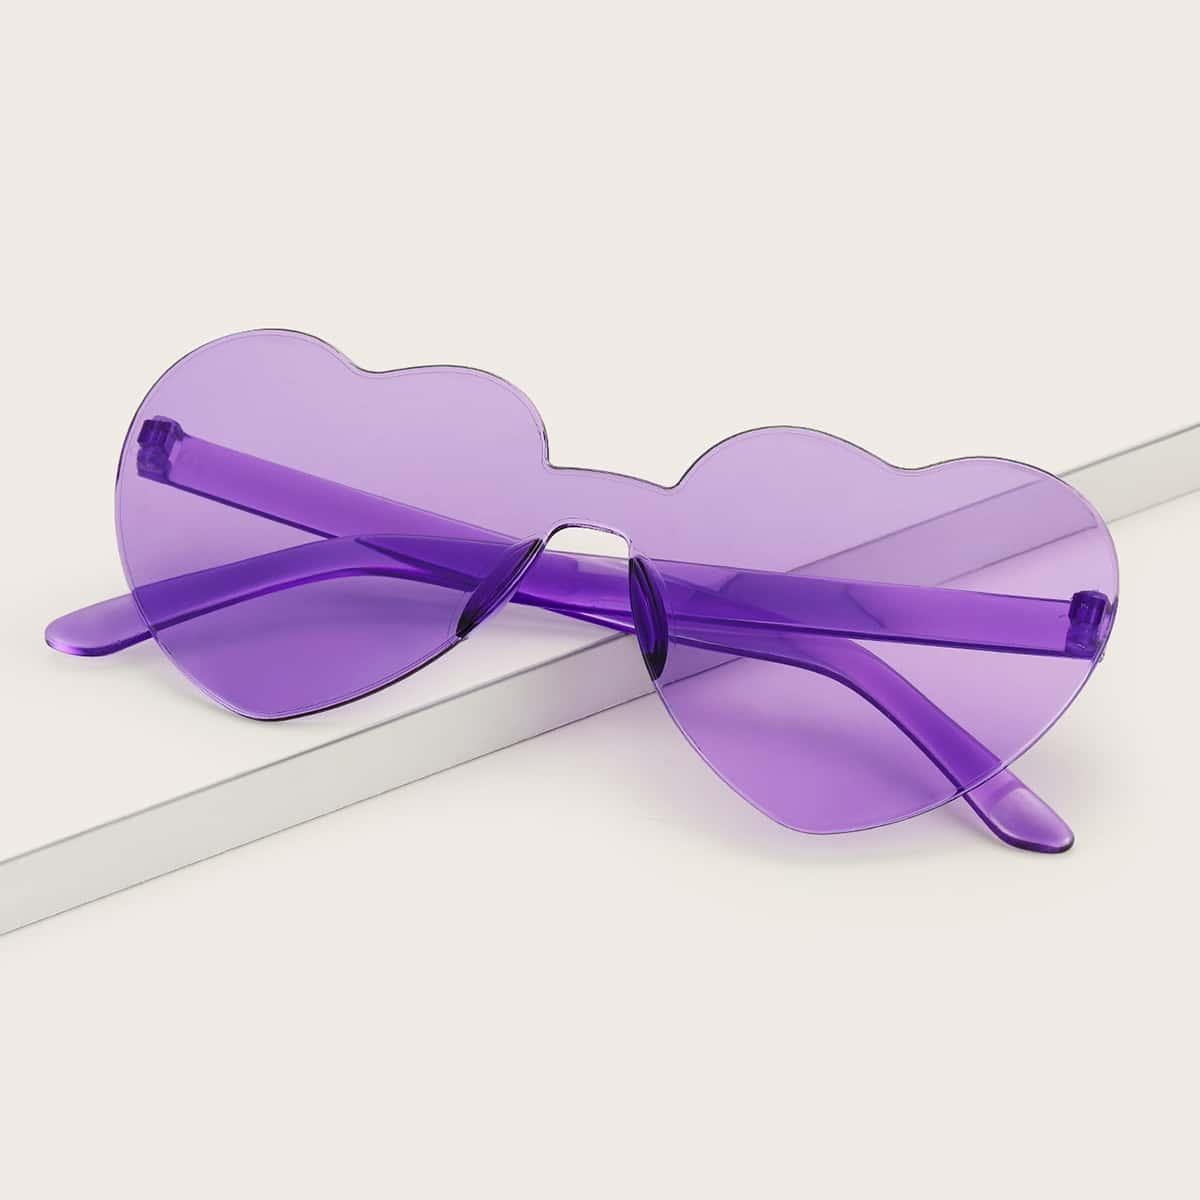 Солнцезащитные очки без оправы в форме сердца